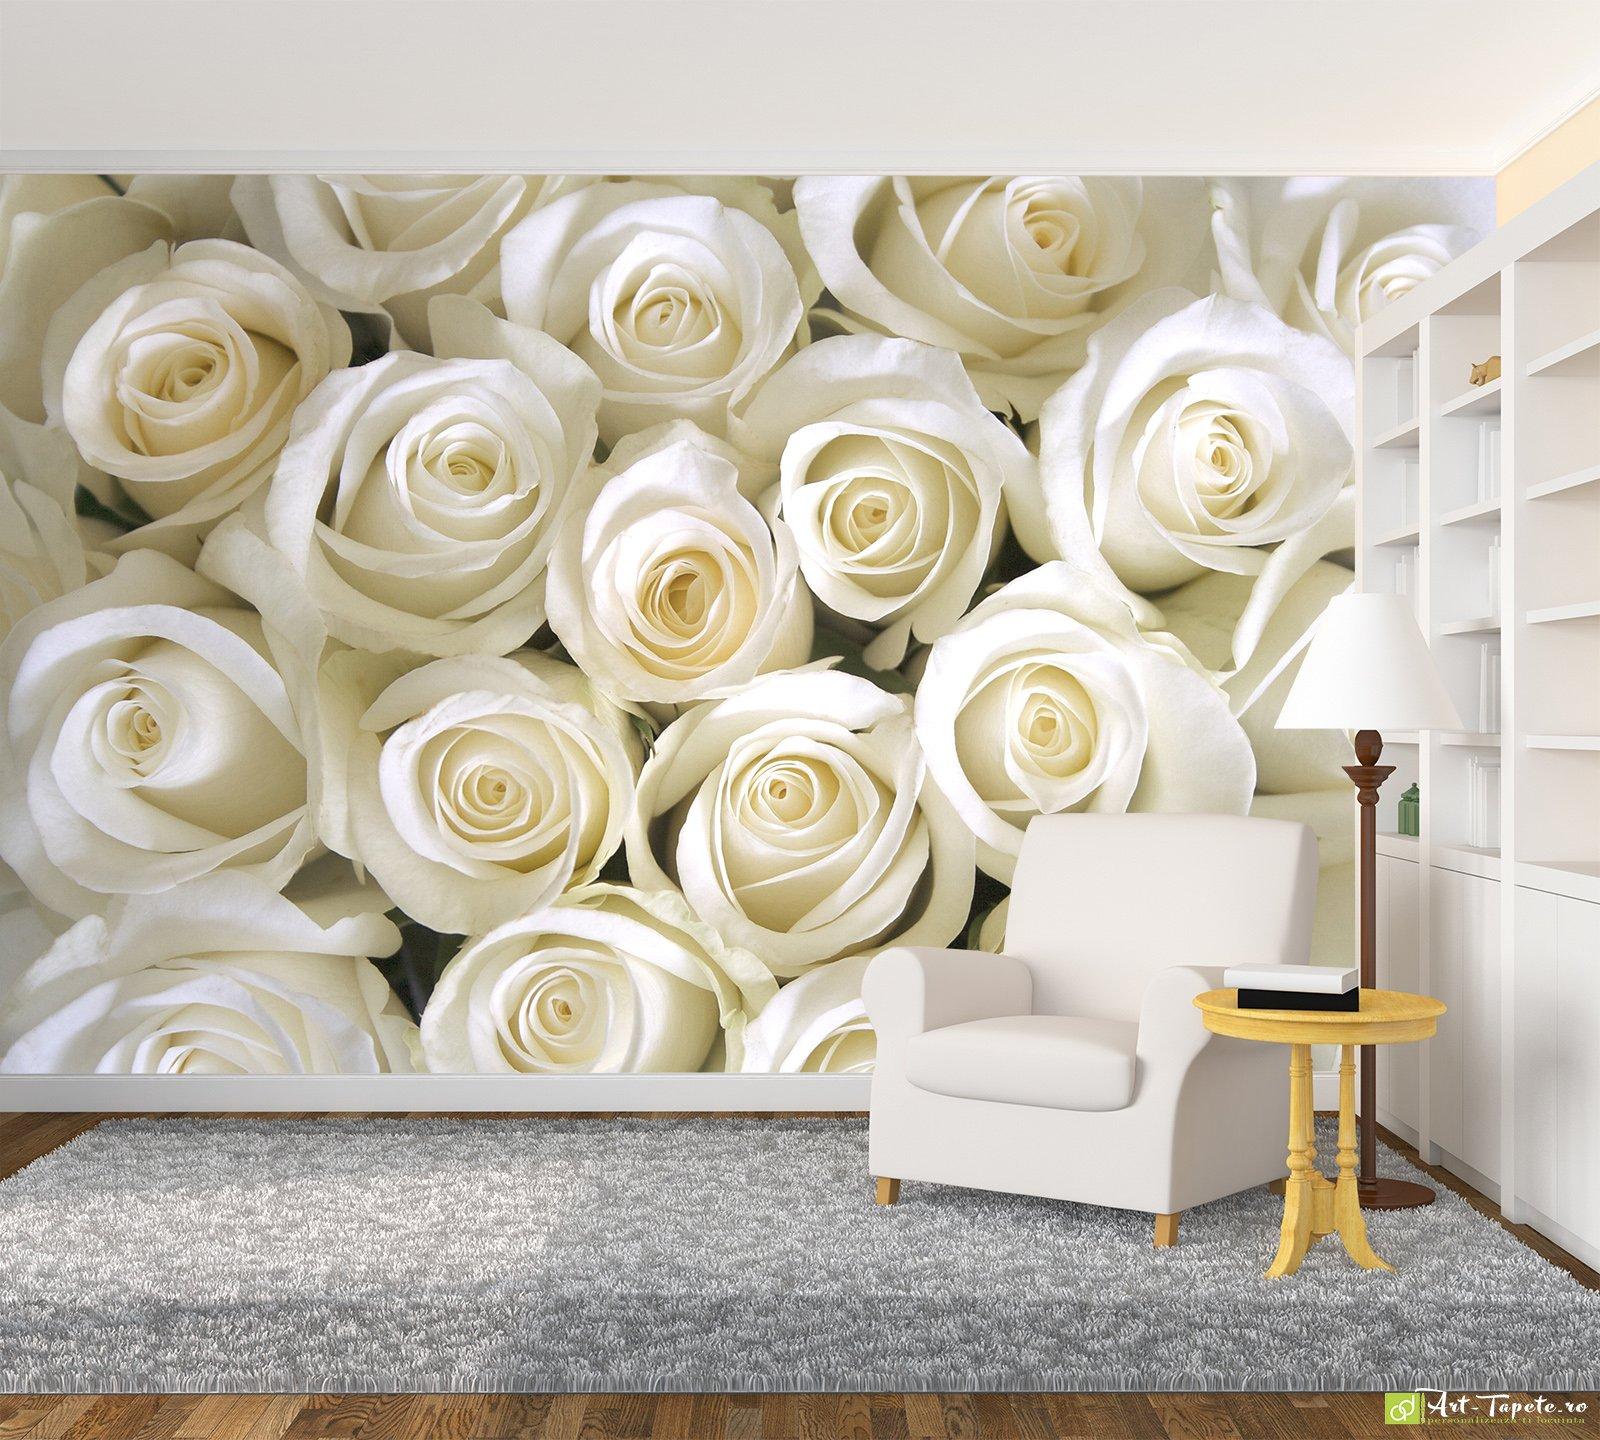 Photo wallpaper flowers white roses fototapett eco friendly photo wallpaper flowers white roses mightylinksfo